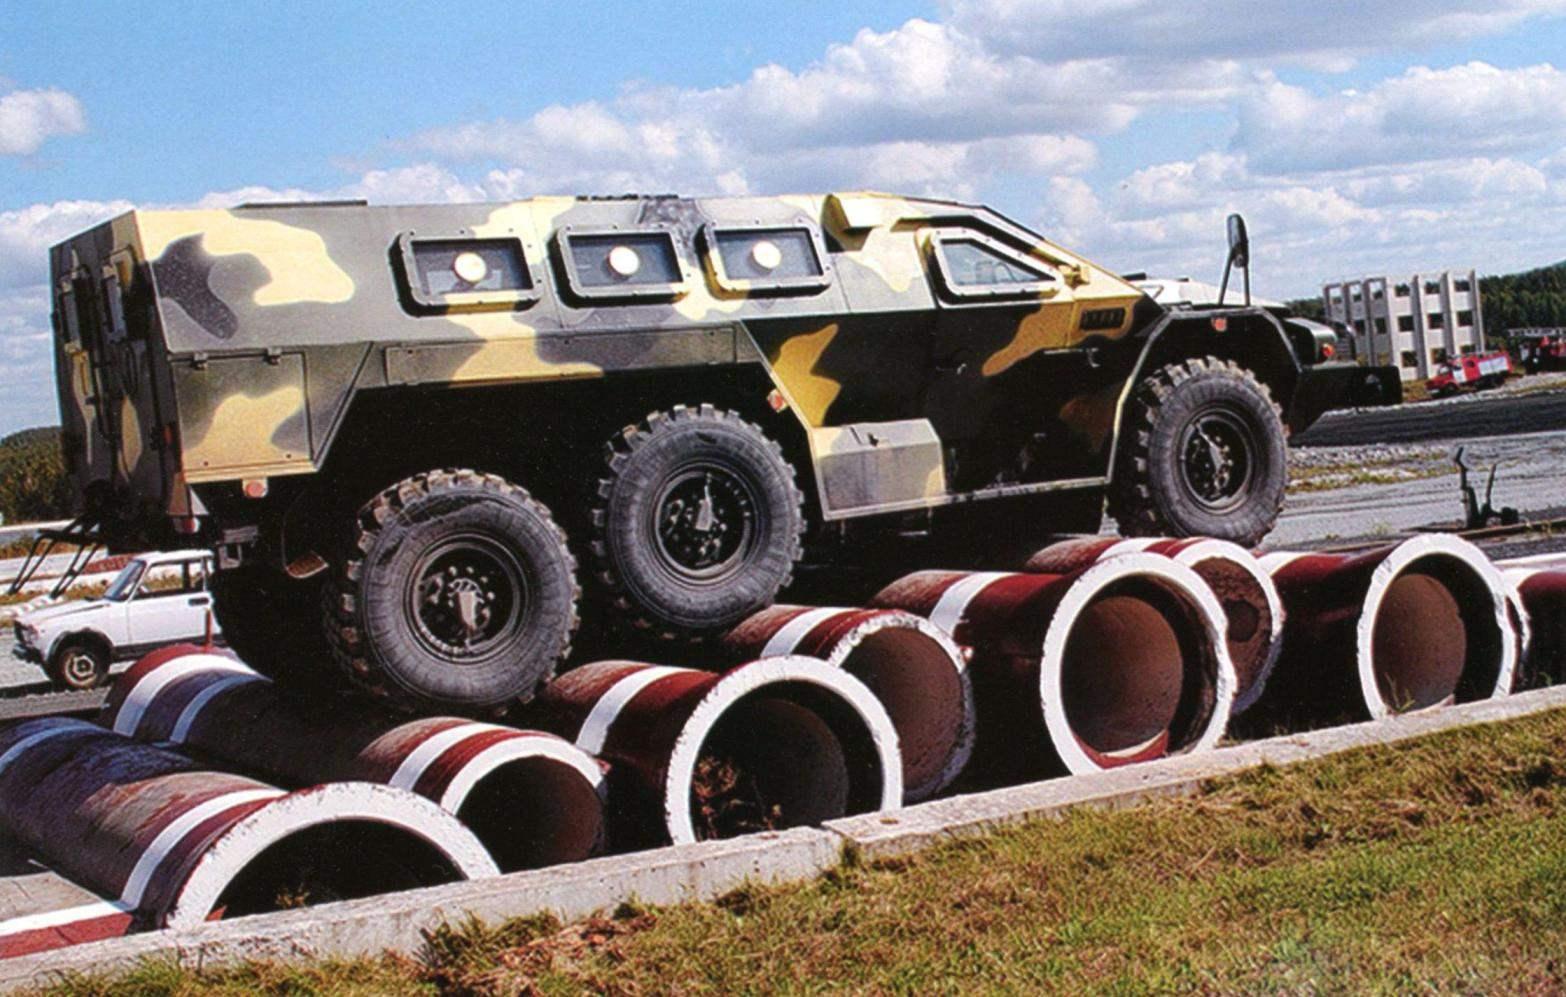 Показательное выступление бронеавтомобиля «Булат» на выставке «Оборона и защита-2012». Преодоление препятствия